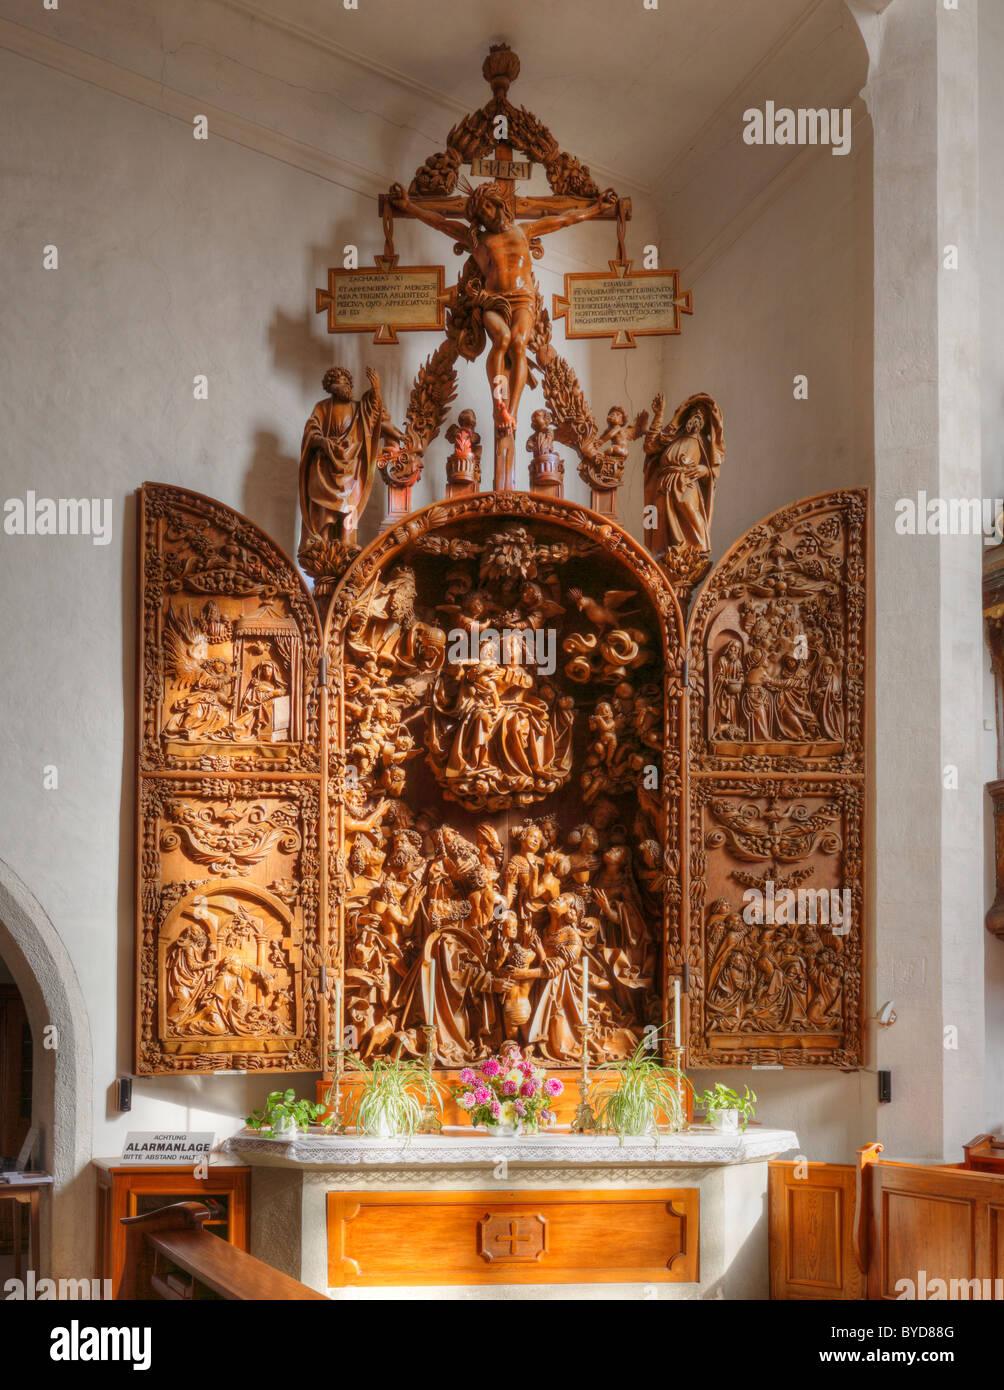 Late Gothic carved altar in the Wallfahrtskirche Mauer pilgrimage church near Melk, Wachau, Mostviertel region, - Stock Image